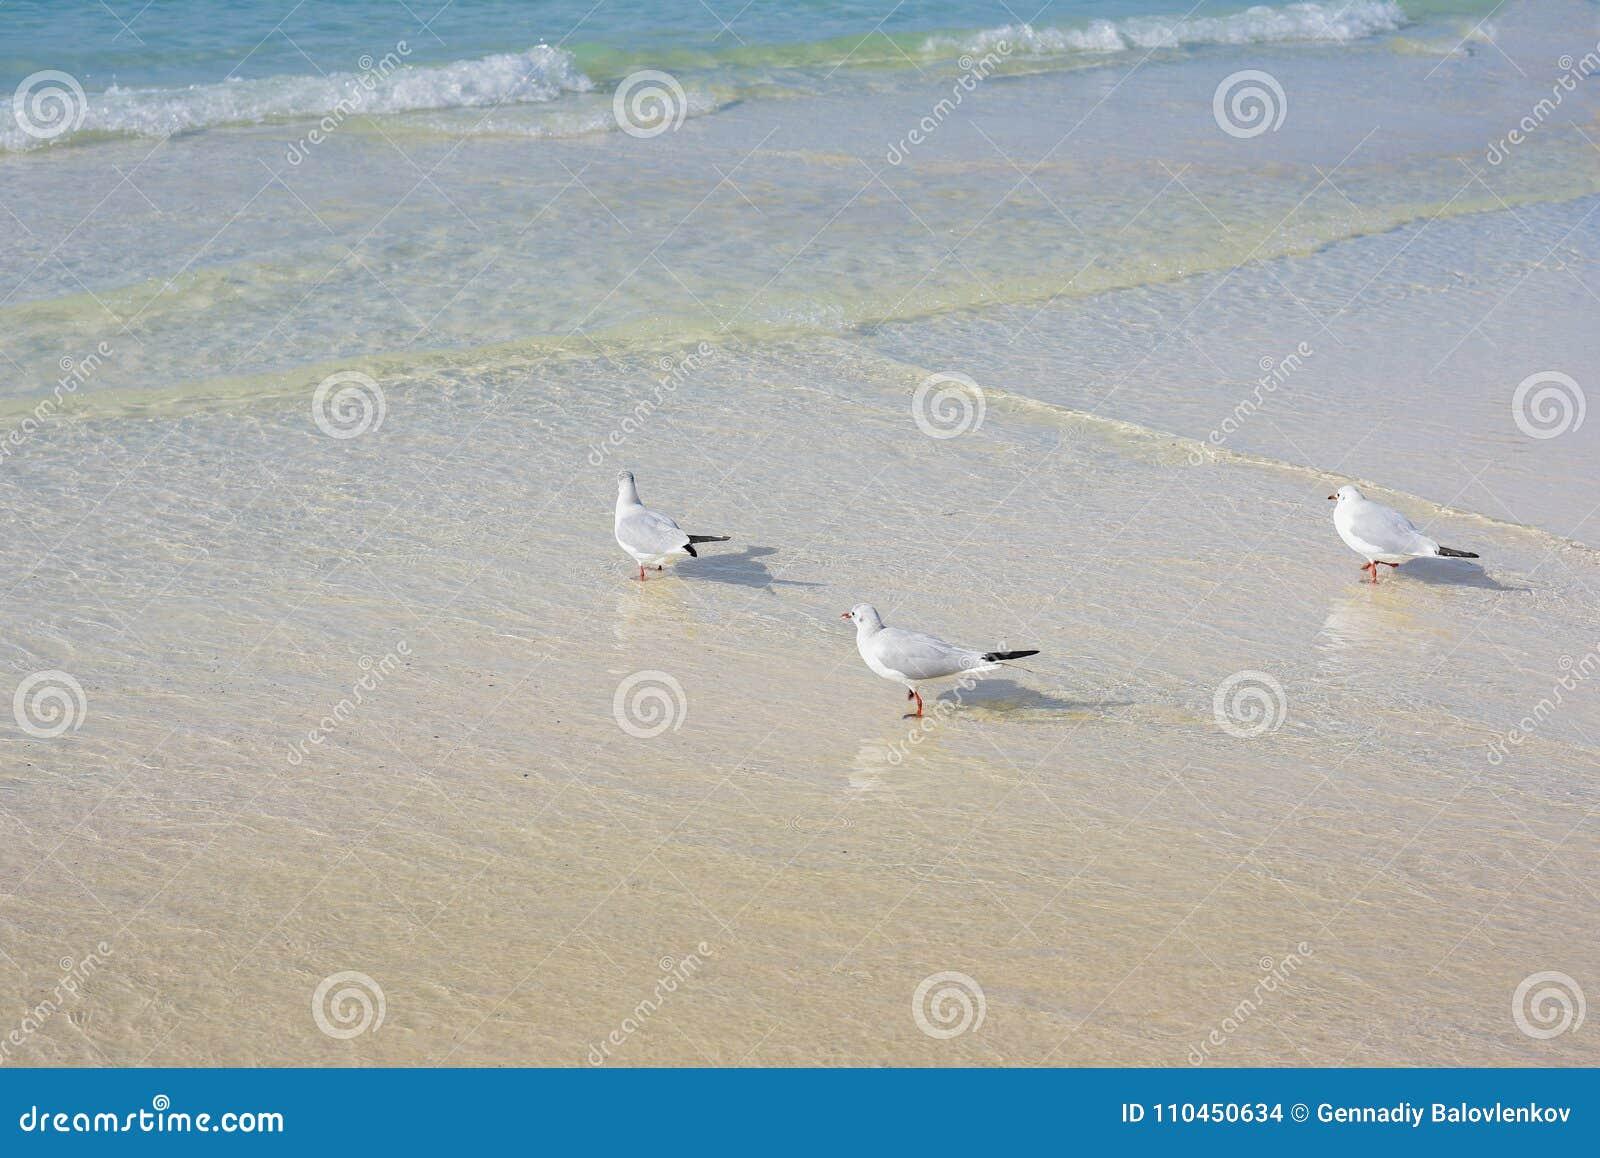 Natur av fåglar, havsfiskmåsar på stranden av Persiska viken